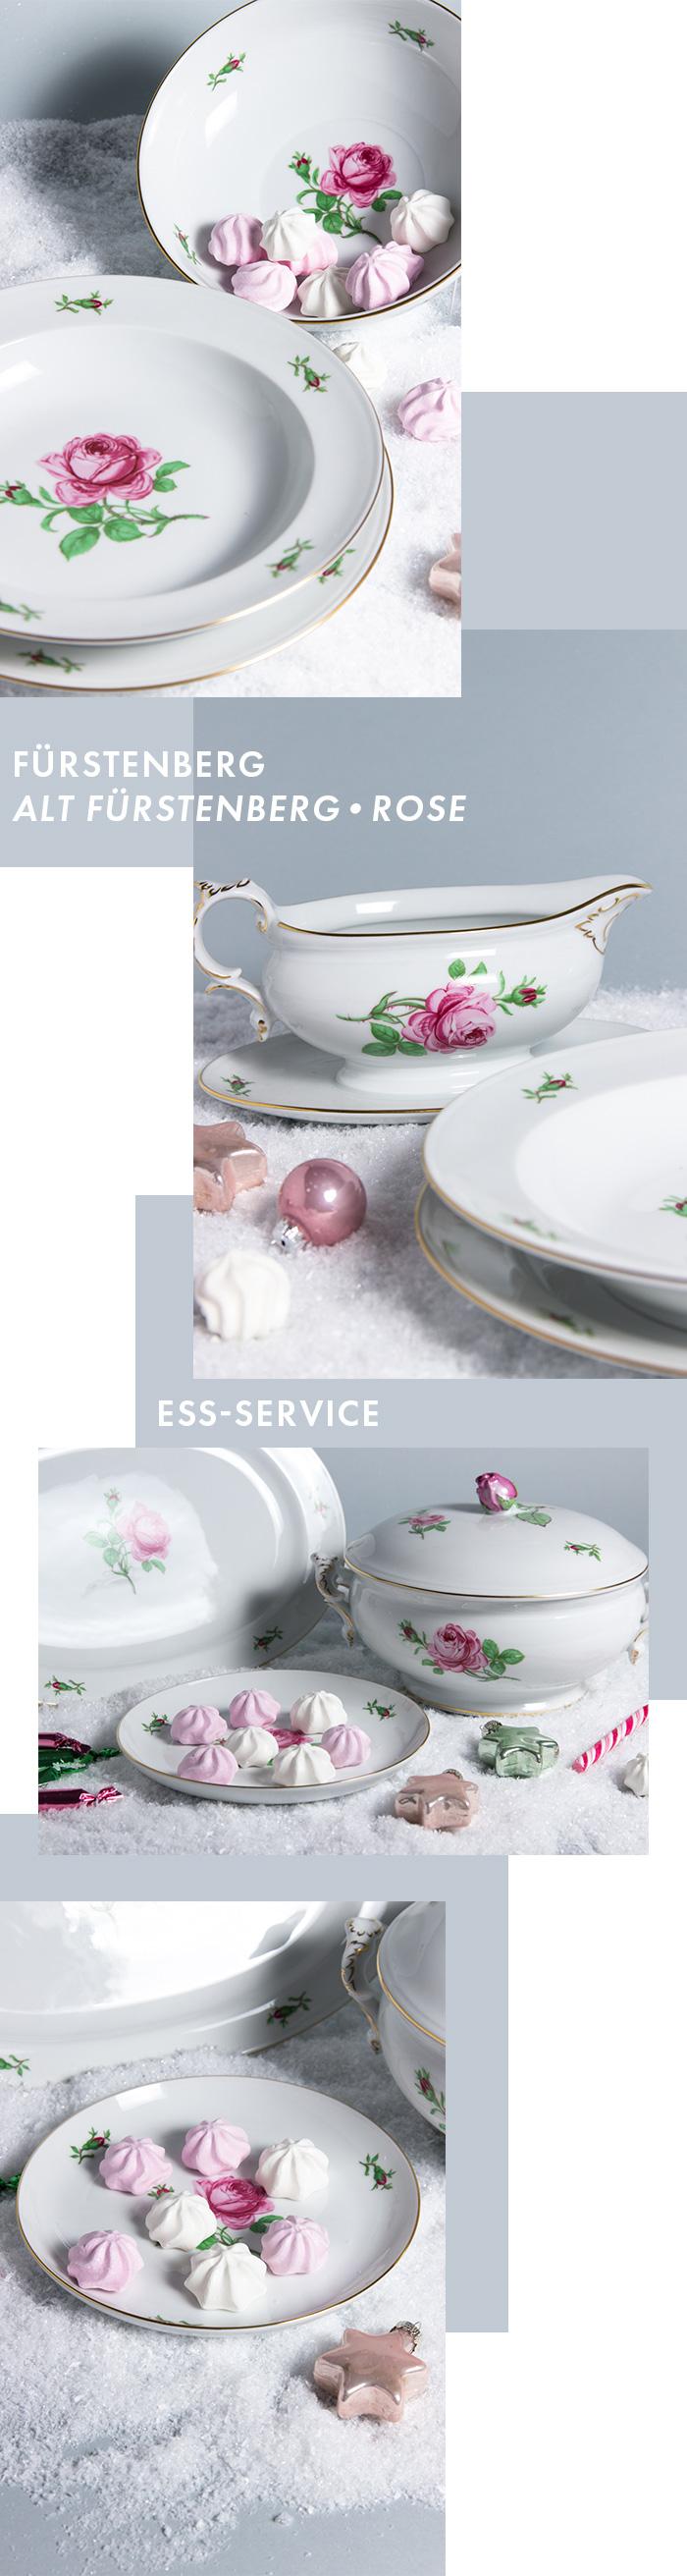 Exklusives Service - Ess-Service - Alt Fürstenberg - Rose